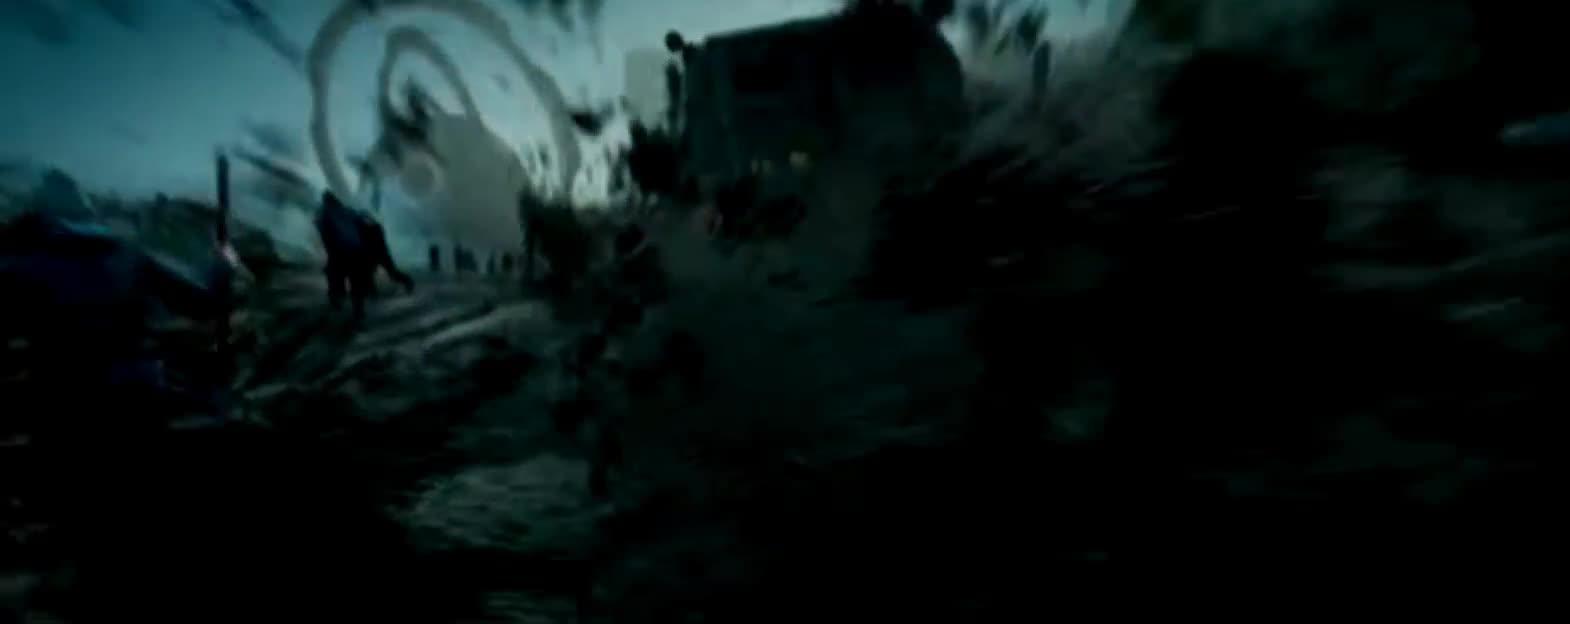 #经典看电影#深海泰坦深夜出没可是被渔民用渔网捕捞了